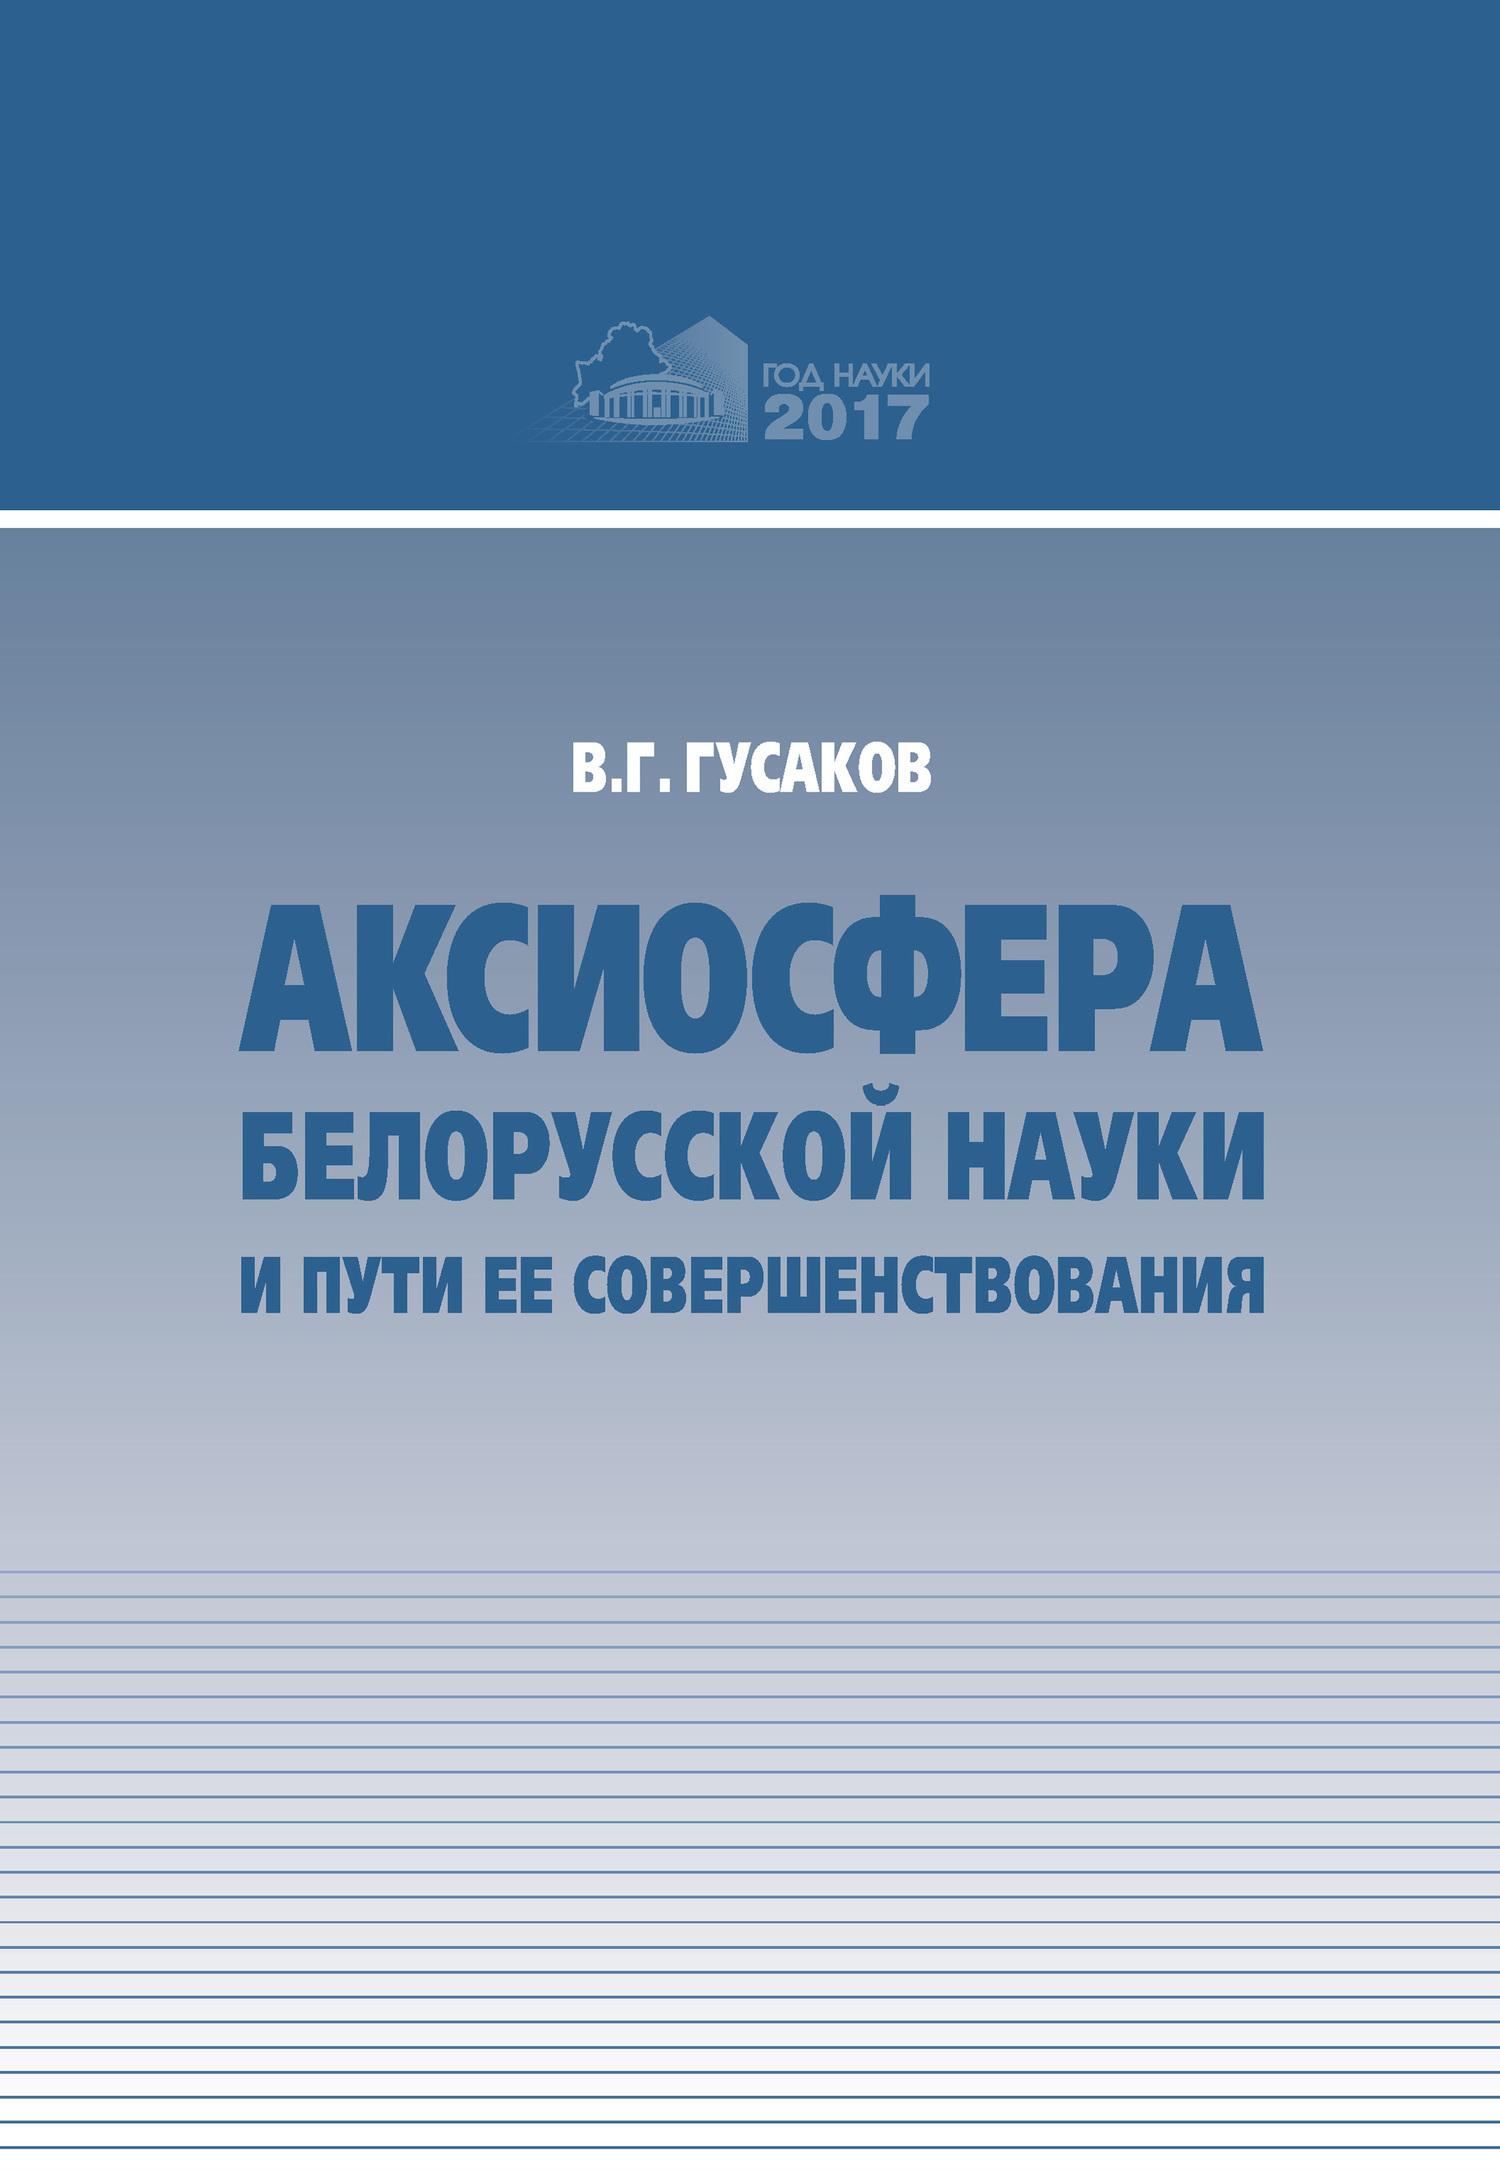 В. Г. Гусаков Аксиосфера белорусской науки и пути ее совершенствования как автомобиль россиянину в беларуси